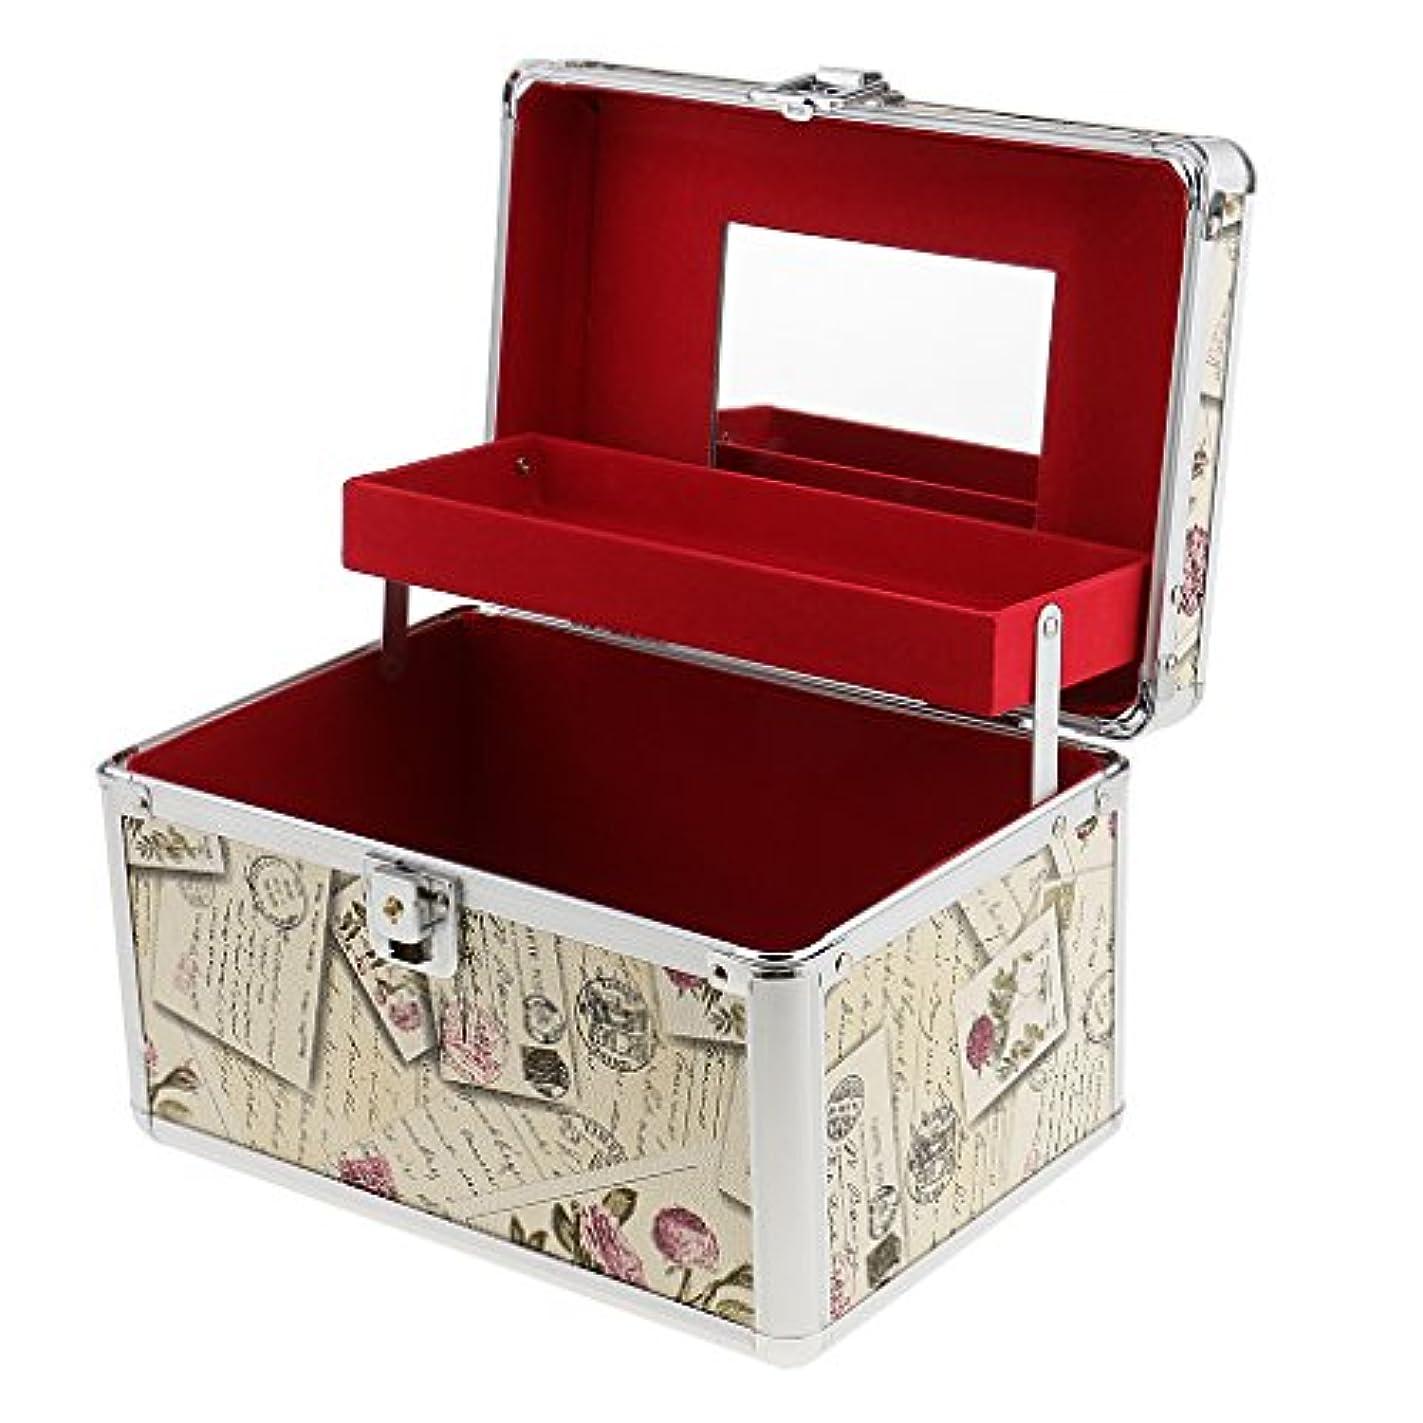 ハイランド初期分割大容量 メイクボックス アルミ 二層 化粧品 オーガナイザー 収納ケース 鏡付き